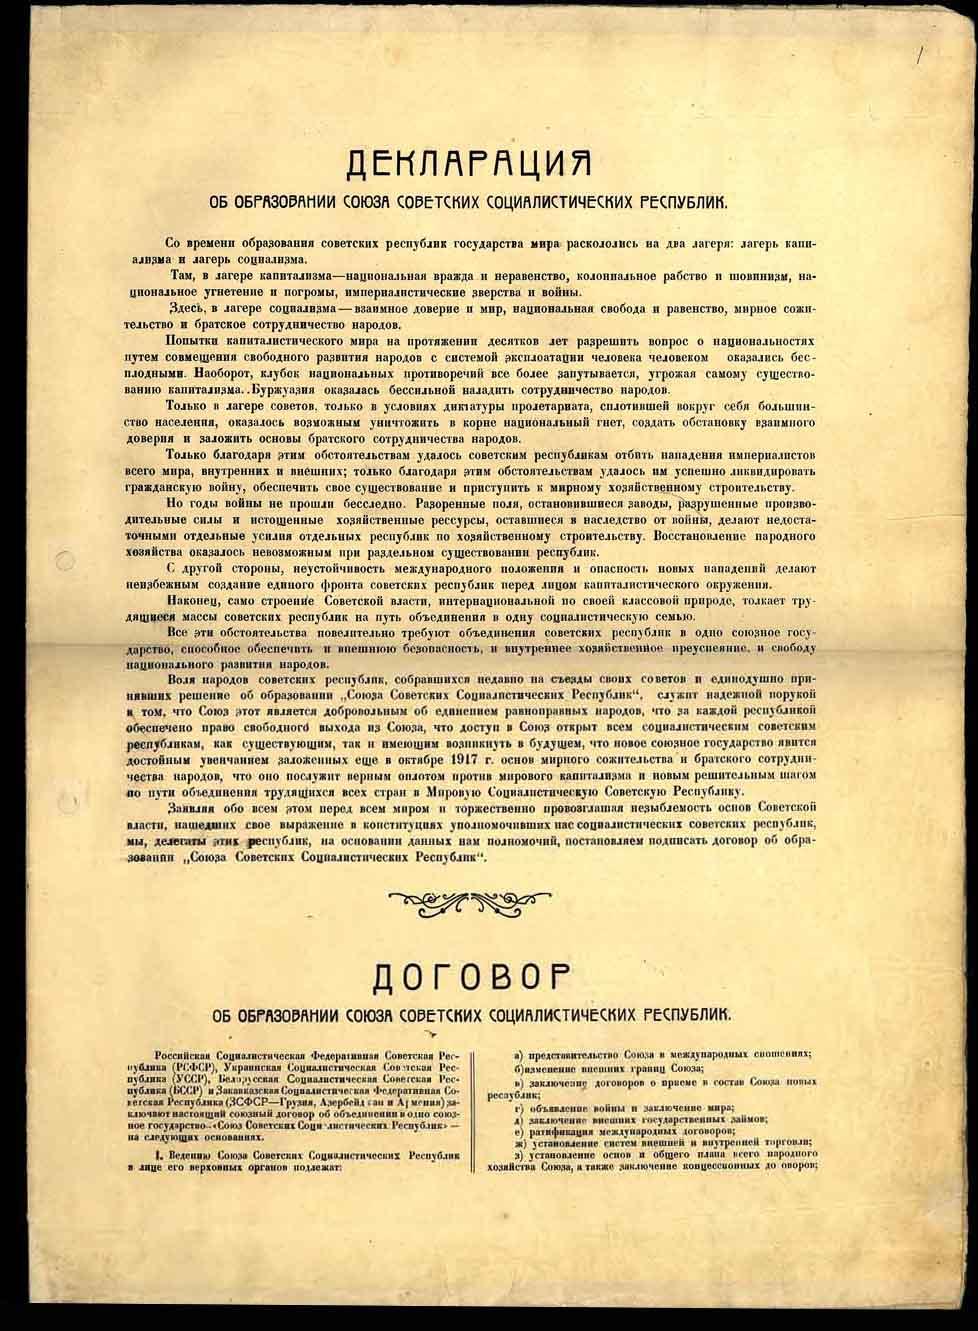 Zusammenfassung Deklaration über Die Gründung Der Union Der